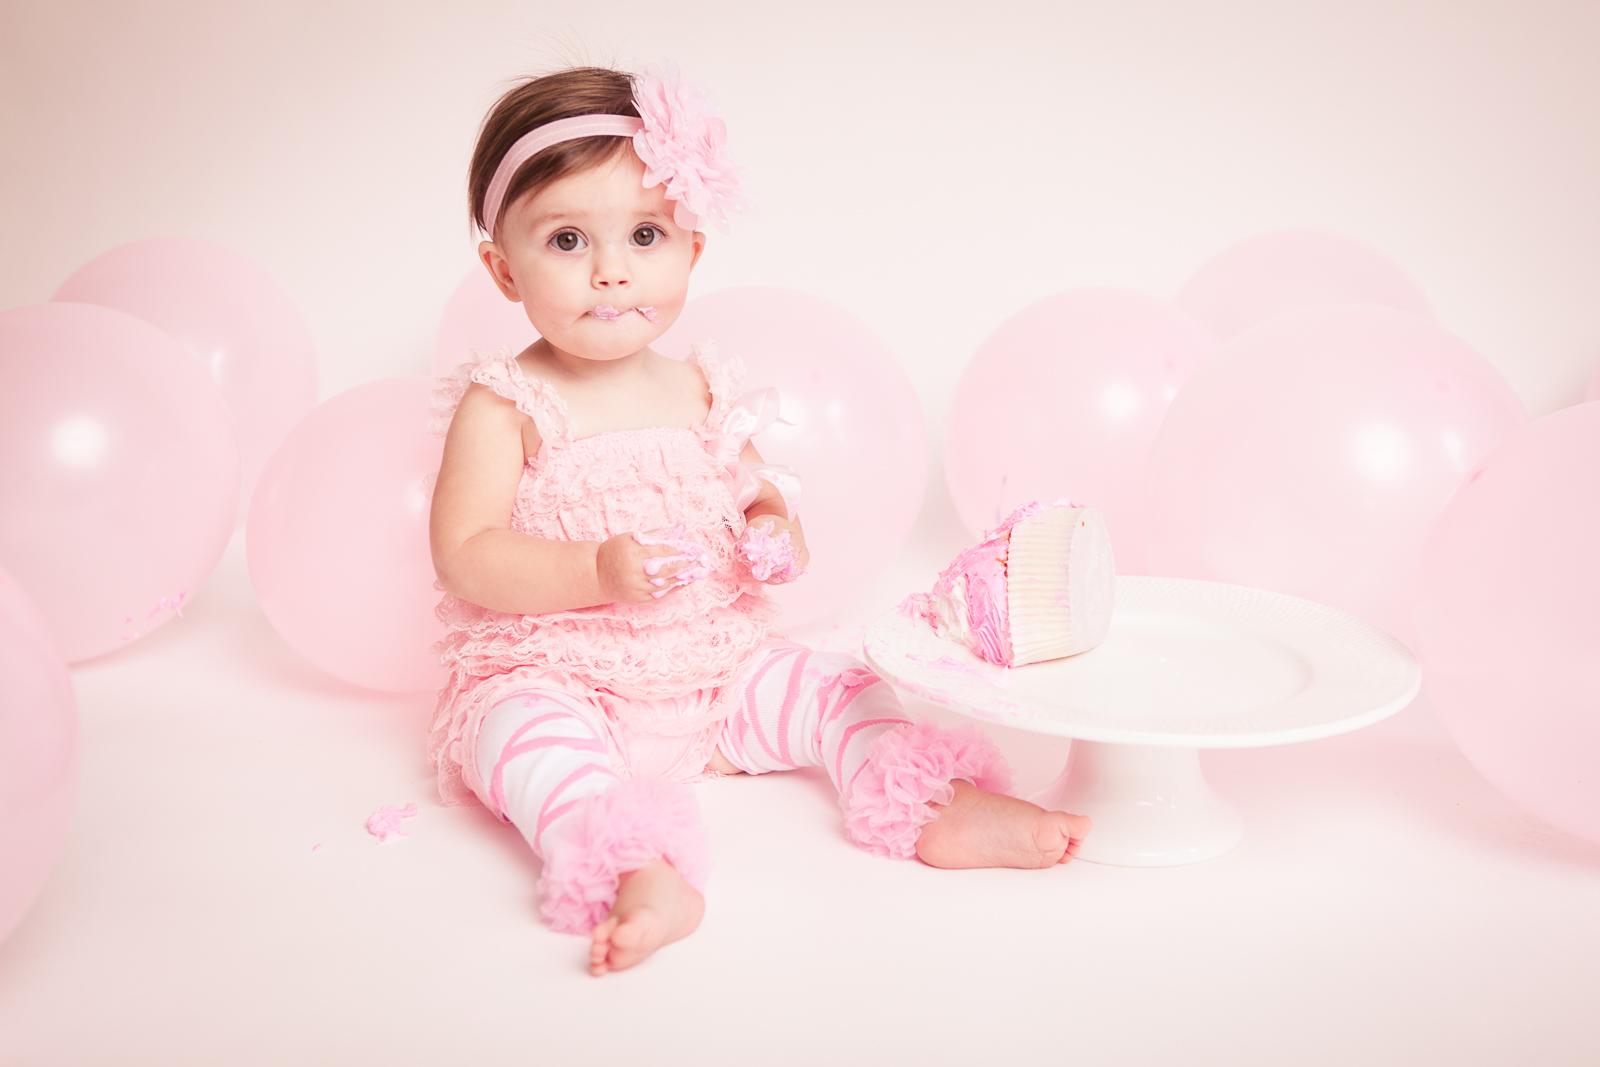 cake-smash-one-year-old-photographer-lafayette-indiana-21.jpg